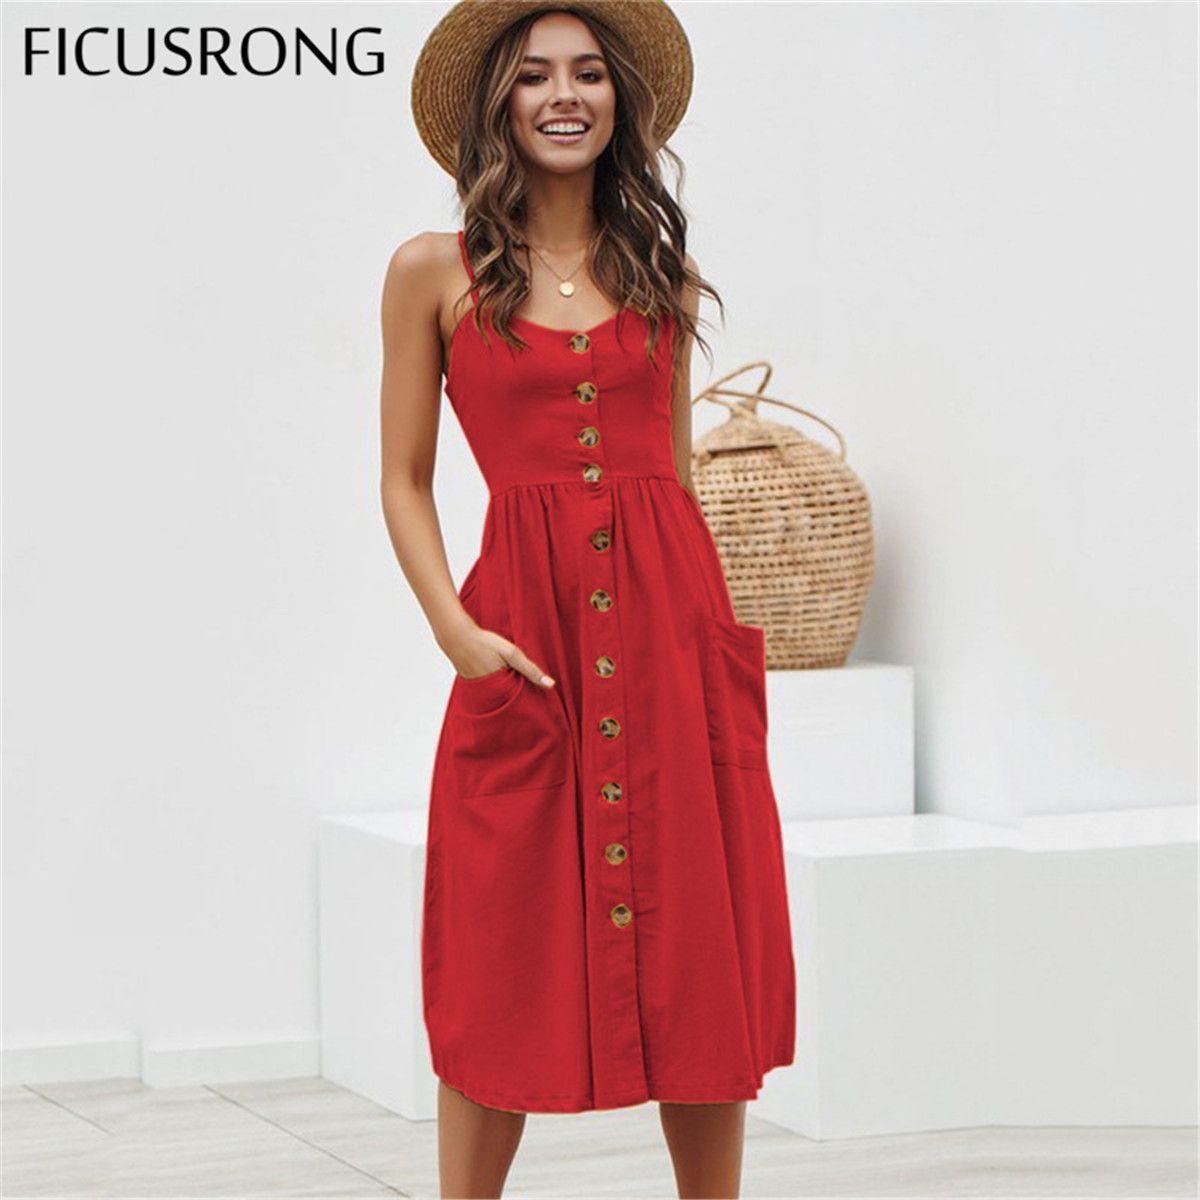 Élégant bouton femmes robe à pois rouge coton robe Midi 2019 été décontracté femme grande taille dame plage robes FICUSRONG